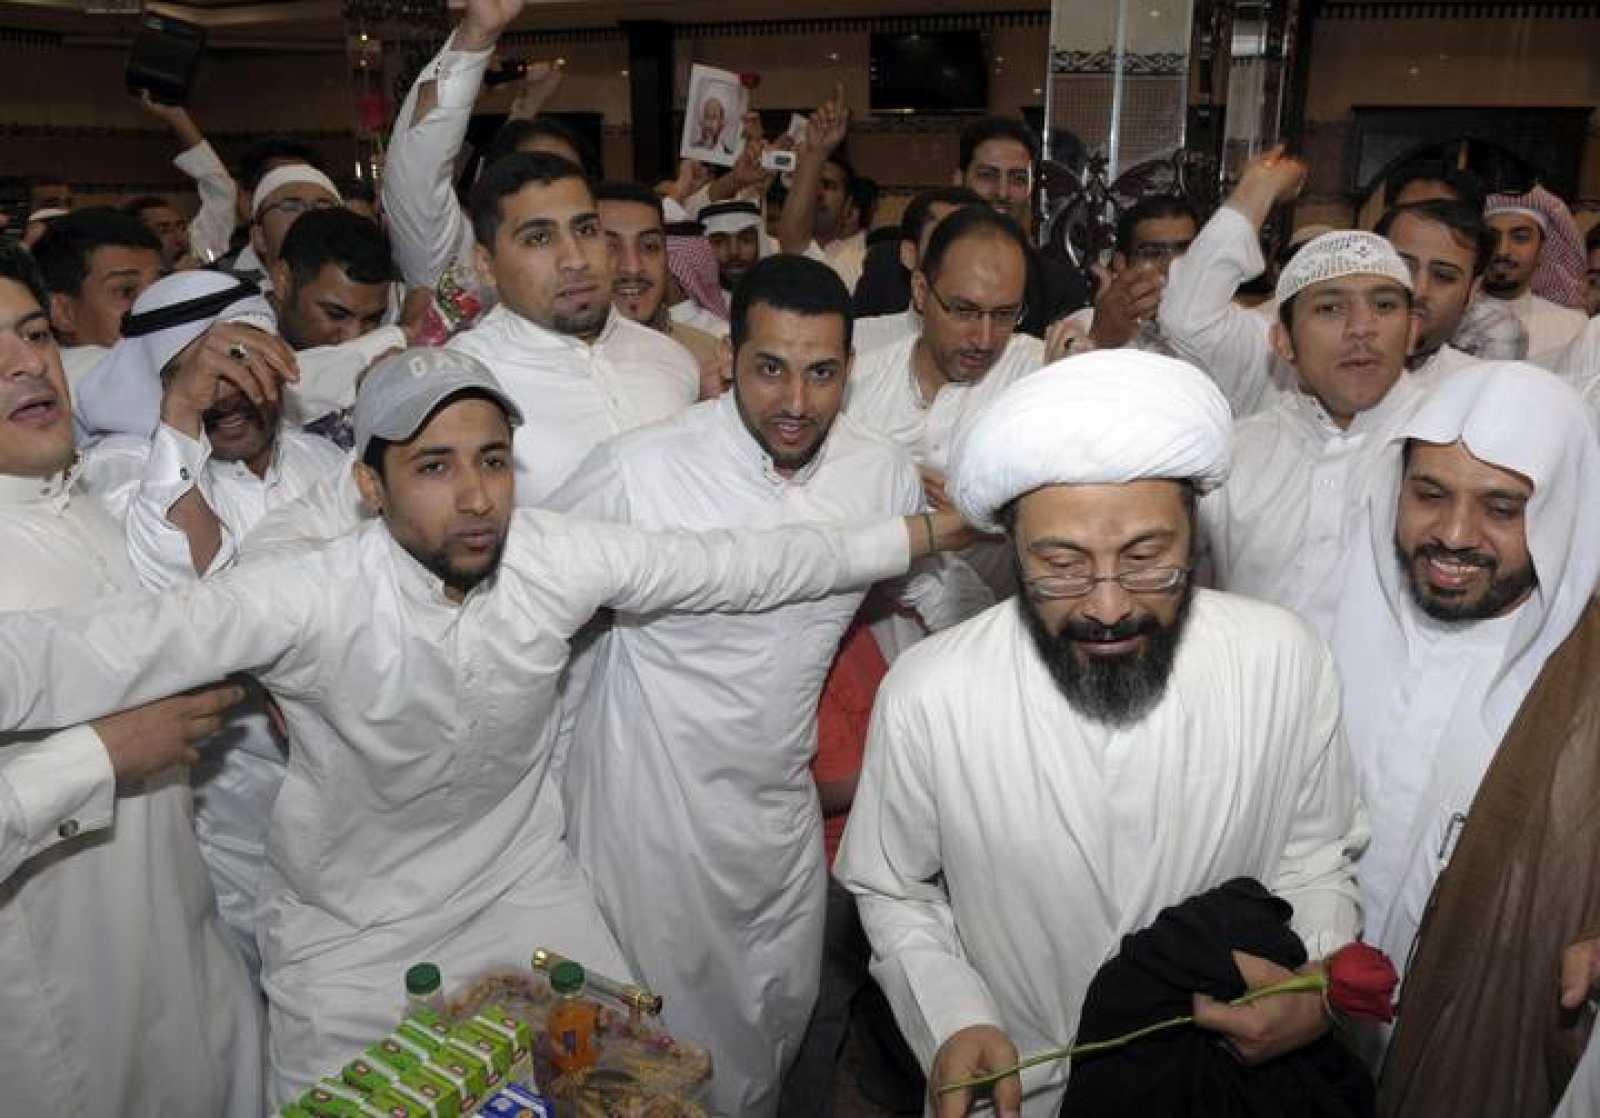 El clérigo chií saudí Tawfiq al-Amir (segundo por la derecha) es vitoreado por sus seguidores tras su puesta en libertad, el 6 de marzo